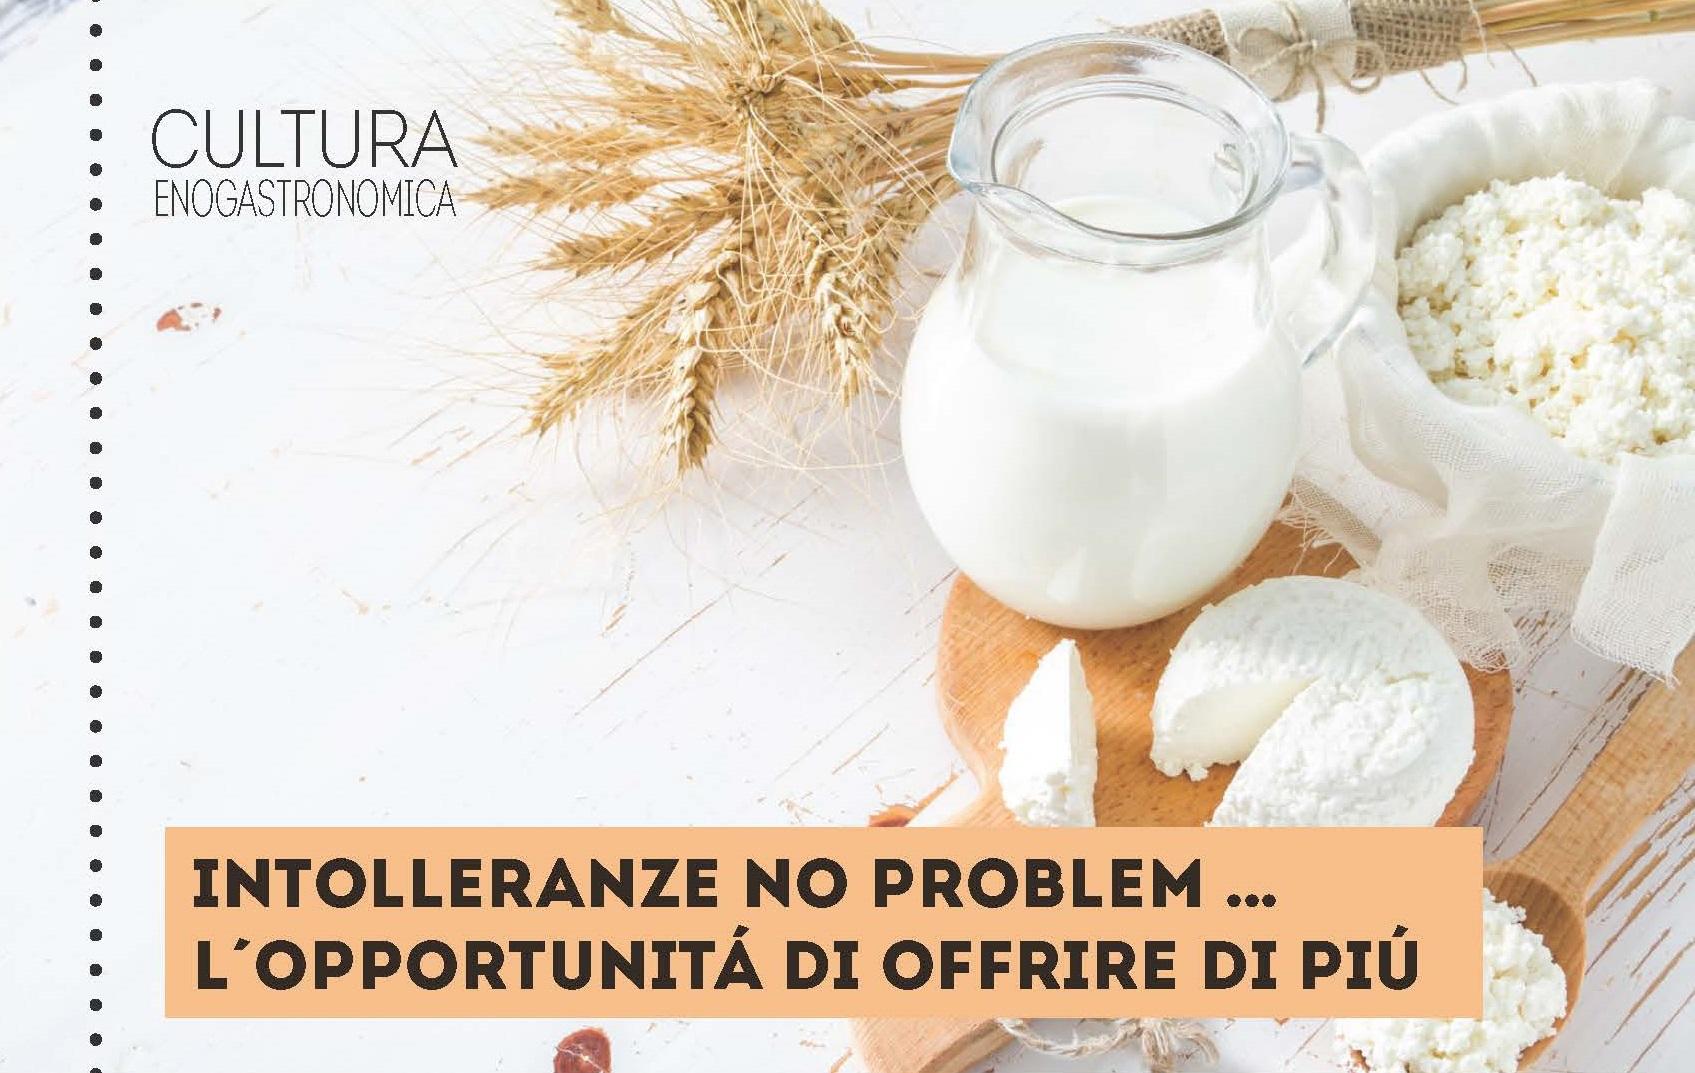 intolleranza al lattosio: non è un problema